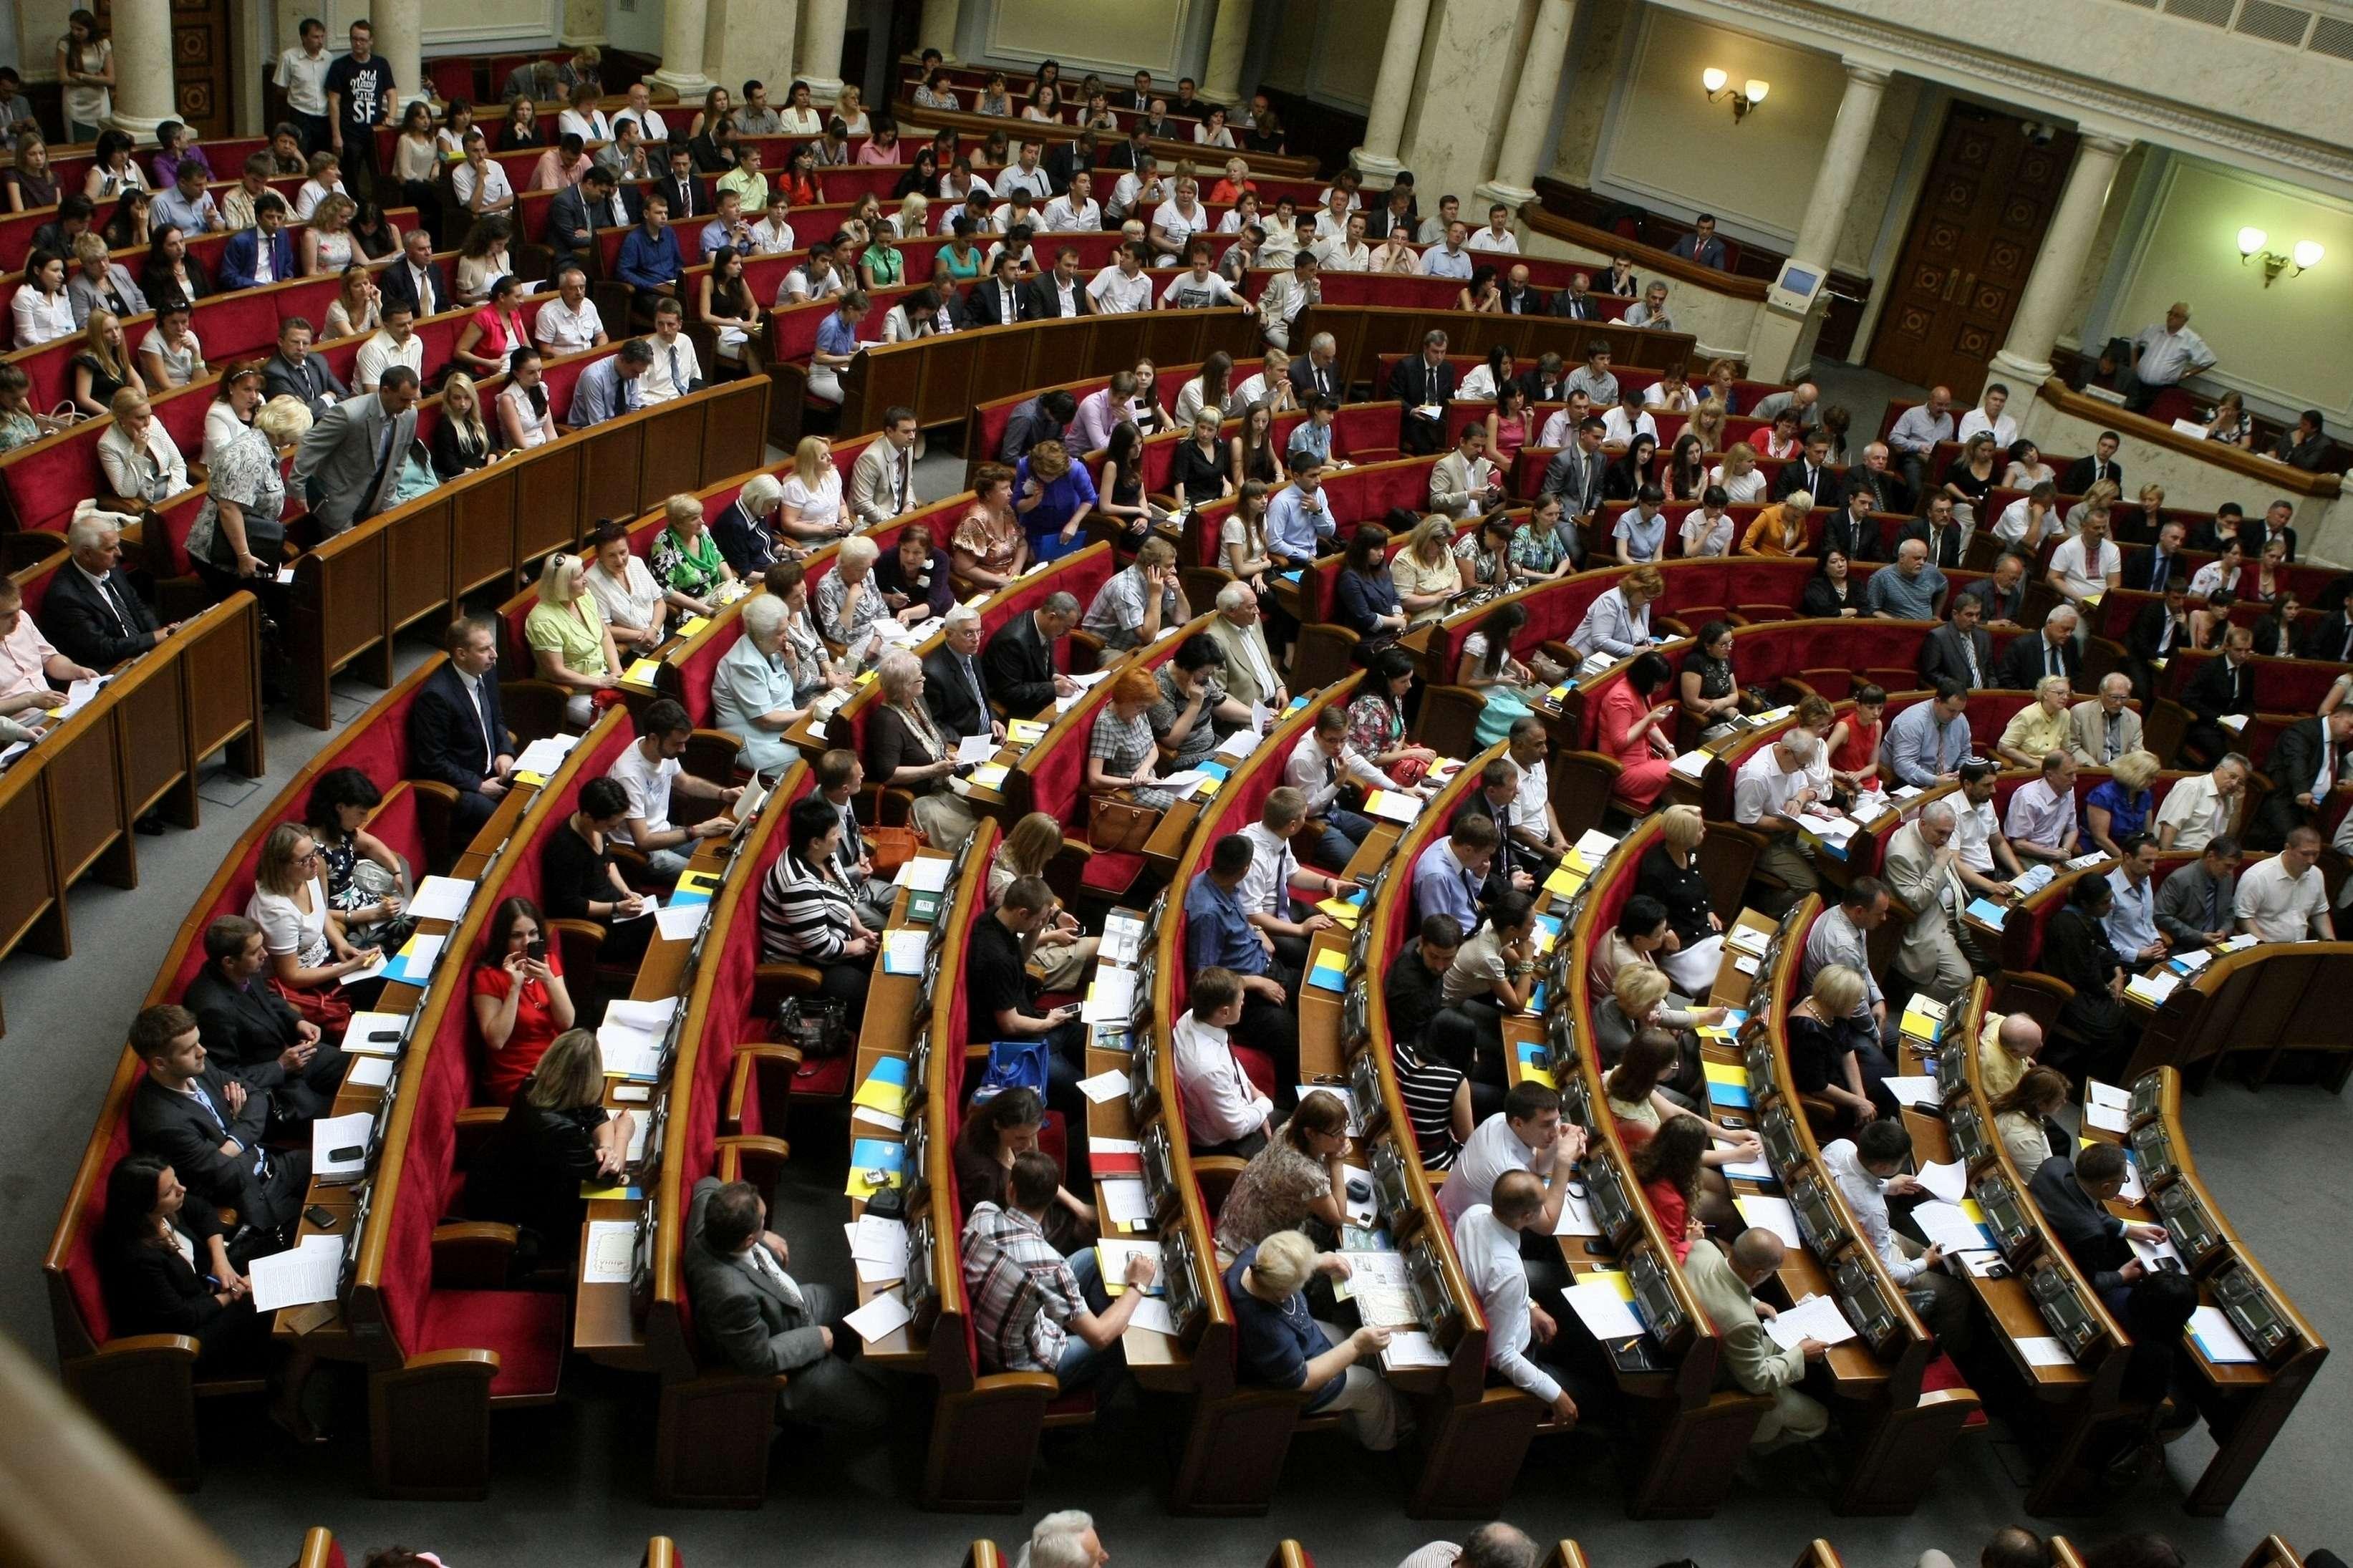 «Репортери без кордонів» вважають законопроект про санкції «дуже небезпечним»